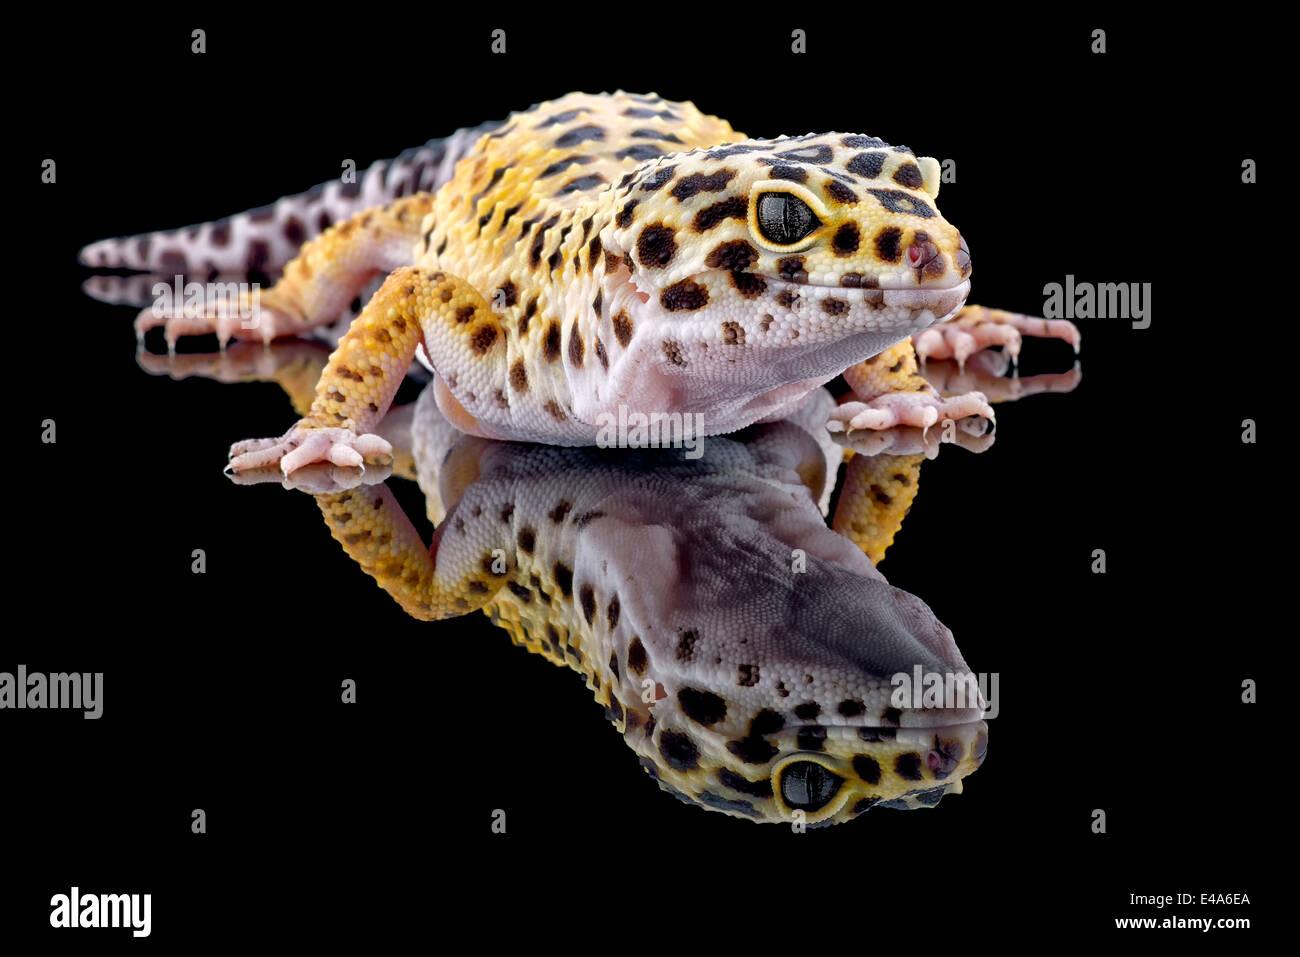 Leopard gecko, Eublepharis macularius, con reflexión sobre fondo negro Imagen De Stock